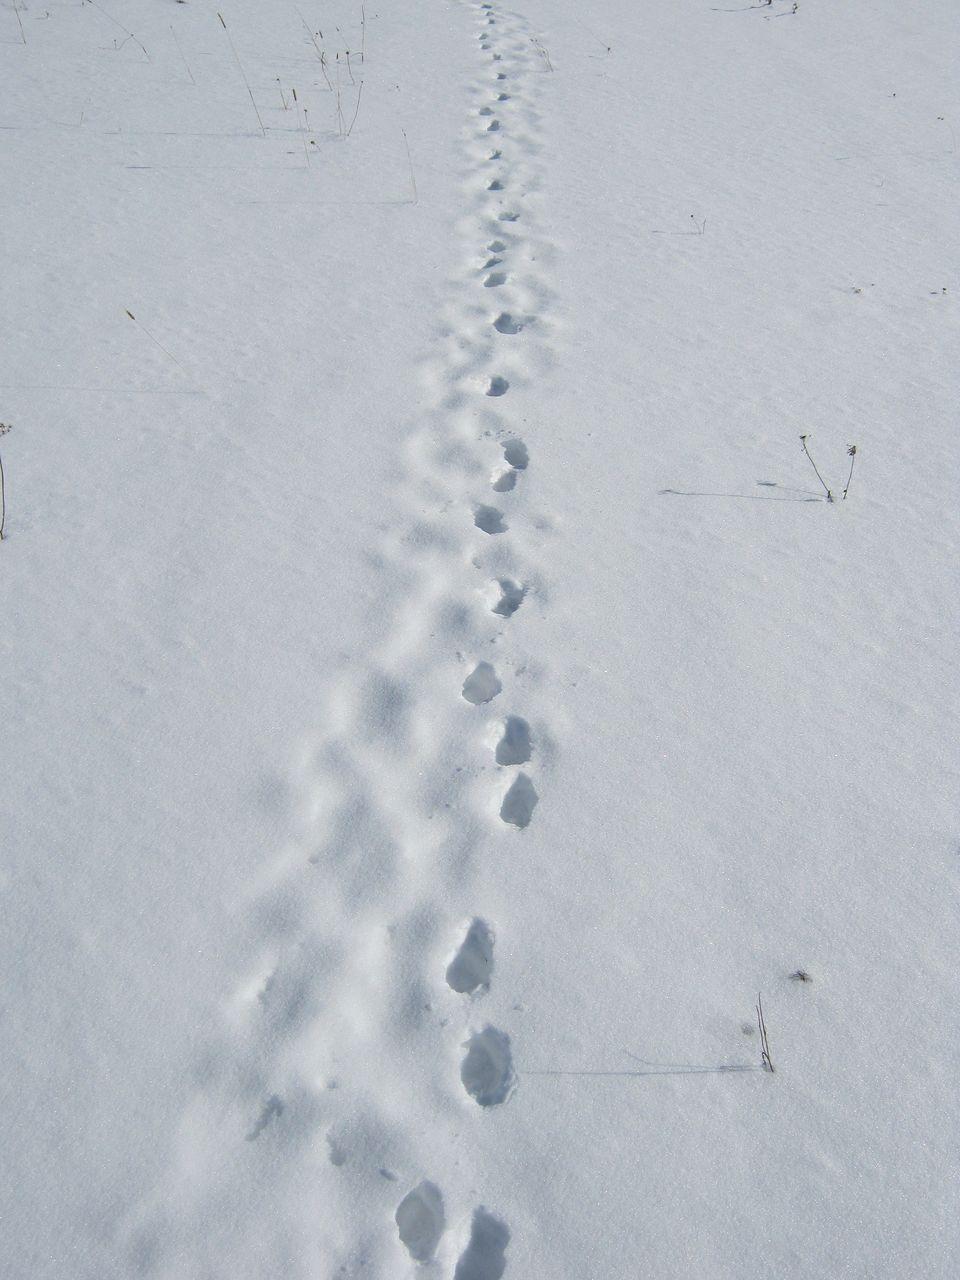 латинка красном лисьи следы на снегу фото этого можно установить